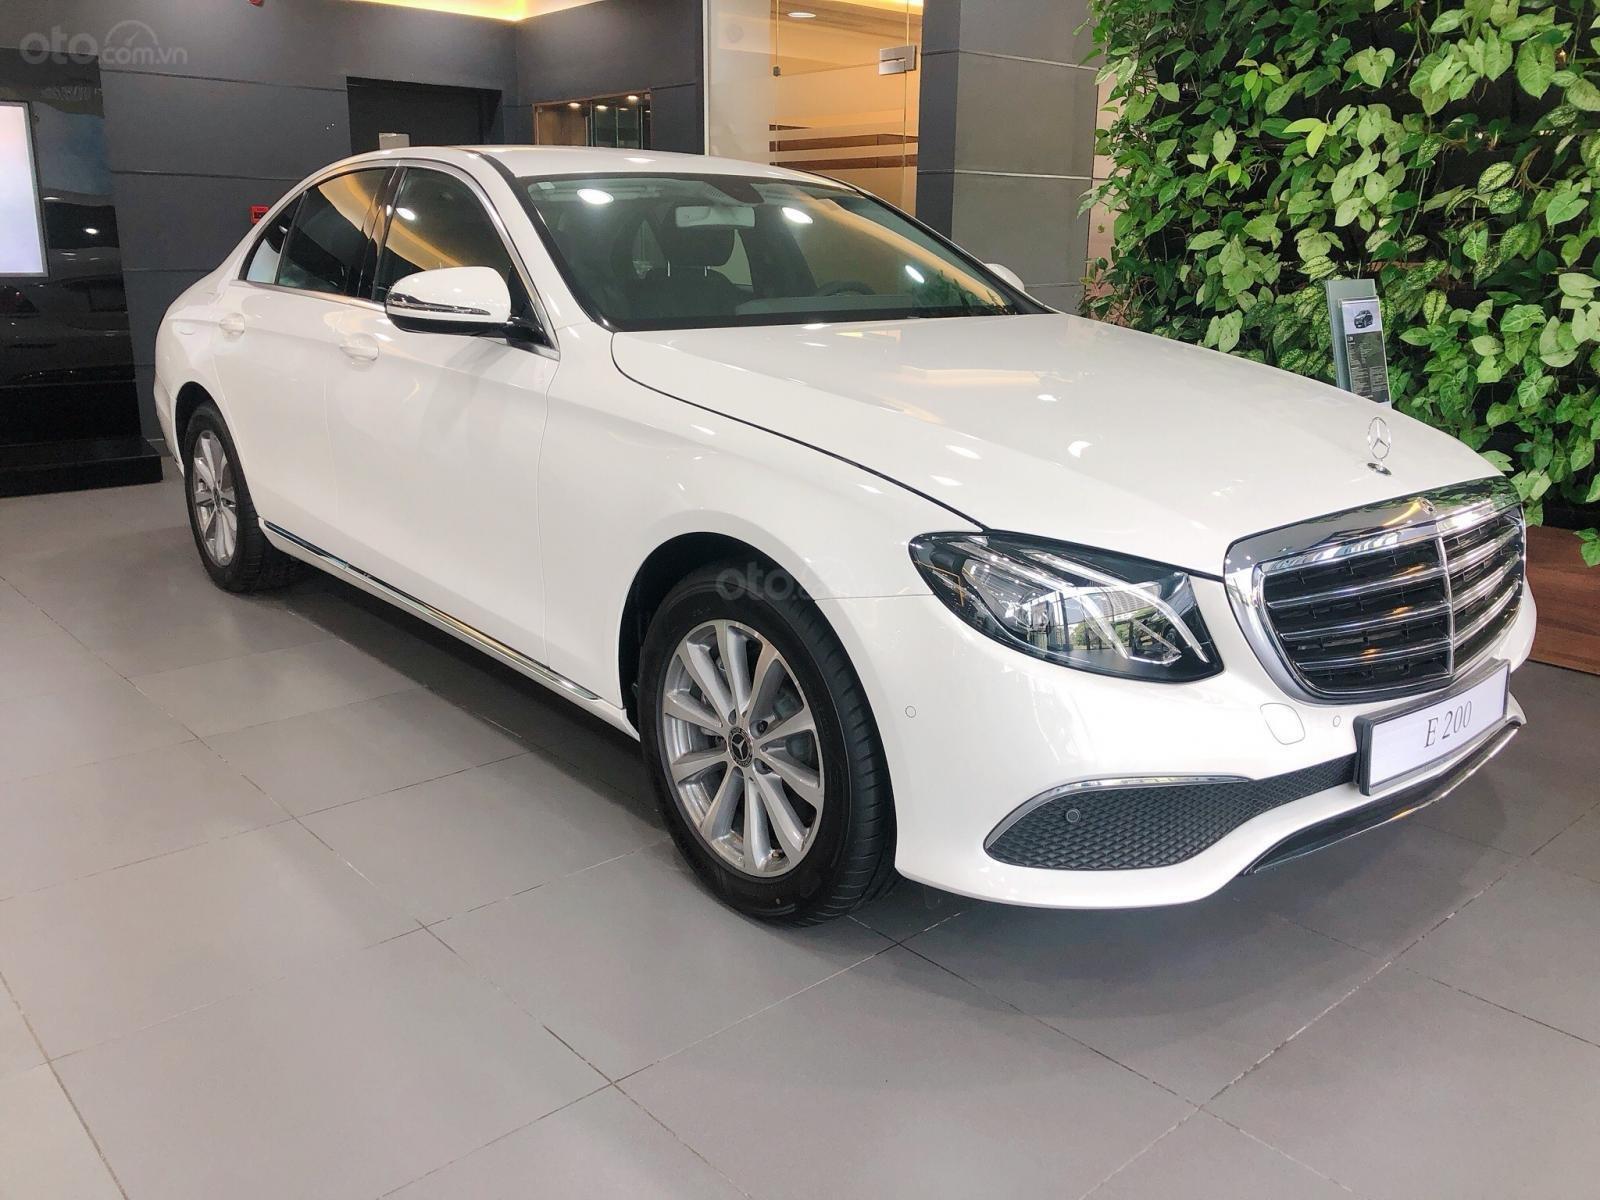 Mercedes E200 2019 đủ màu, giao ngay tại Mercedes Phú Mỹ Hưng (2)